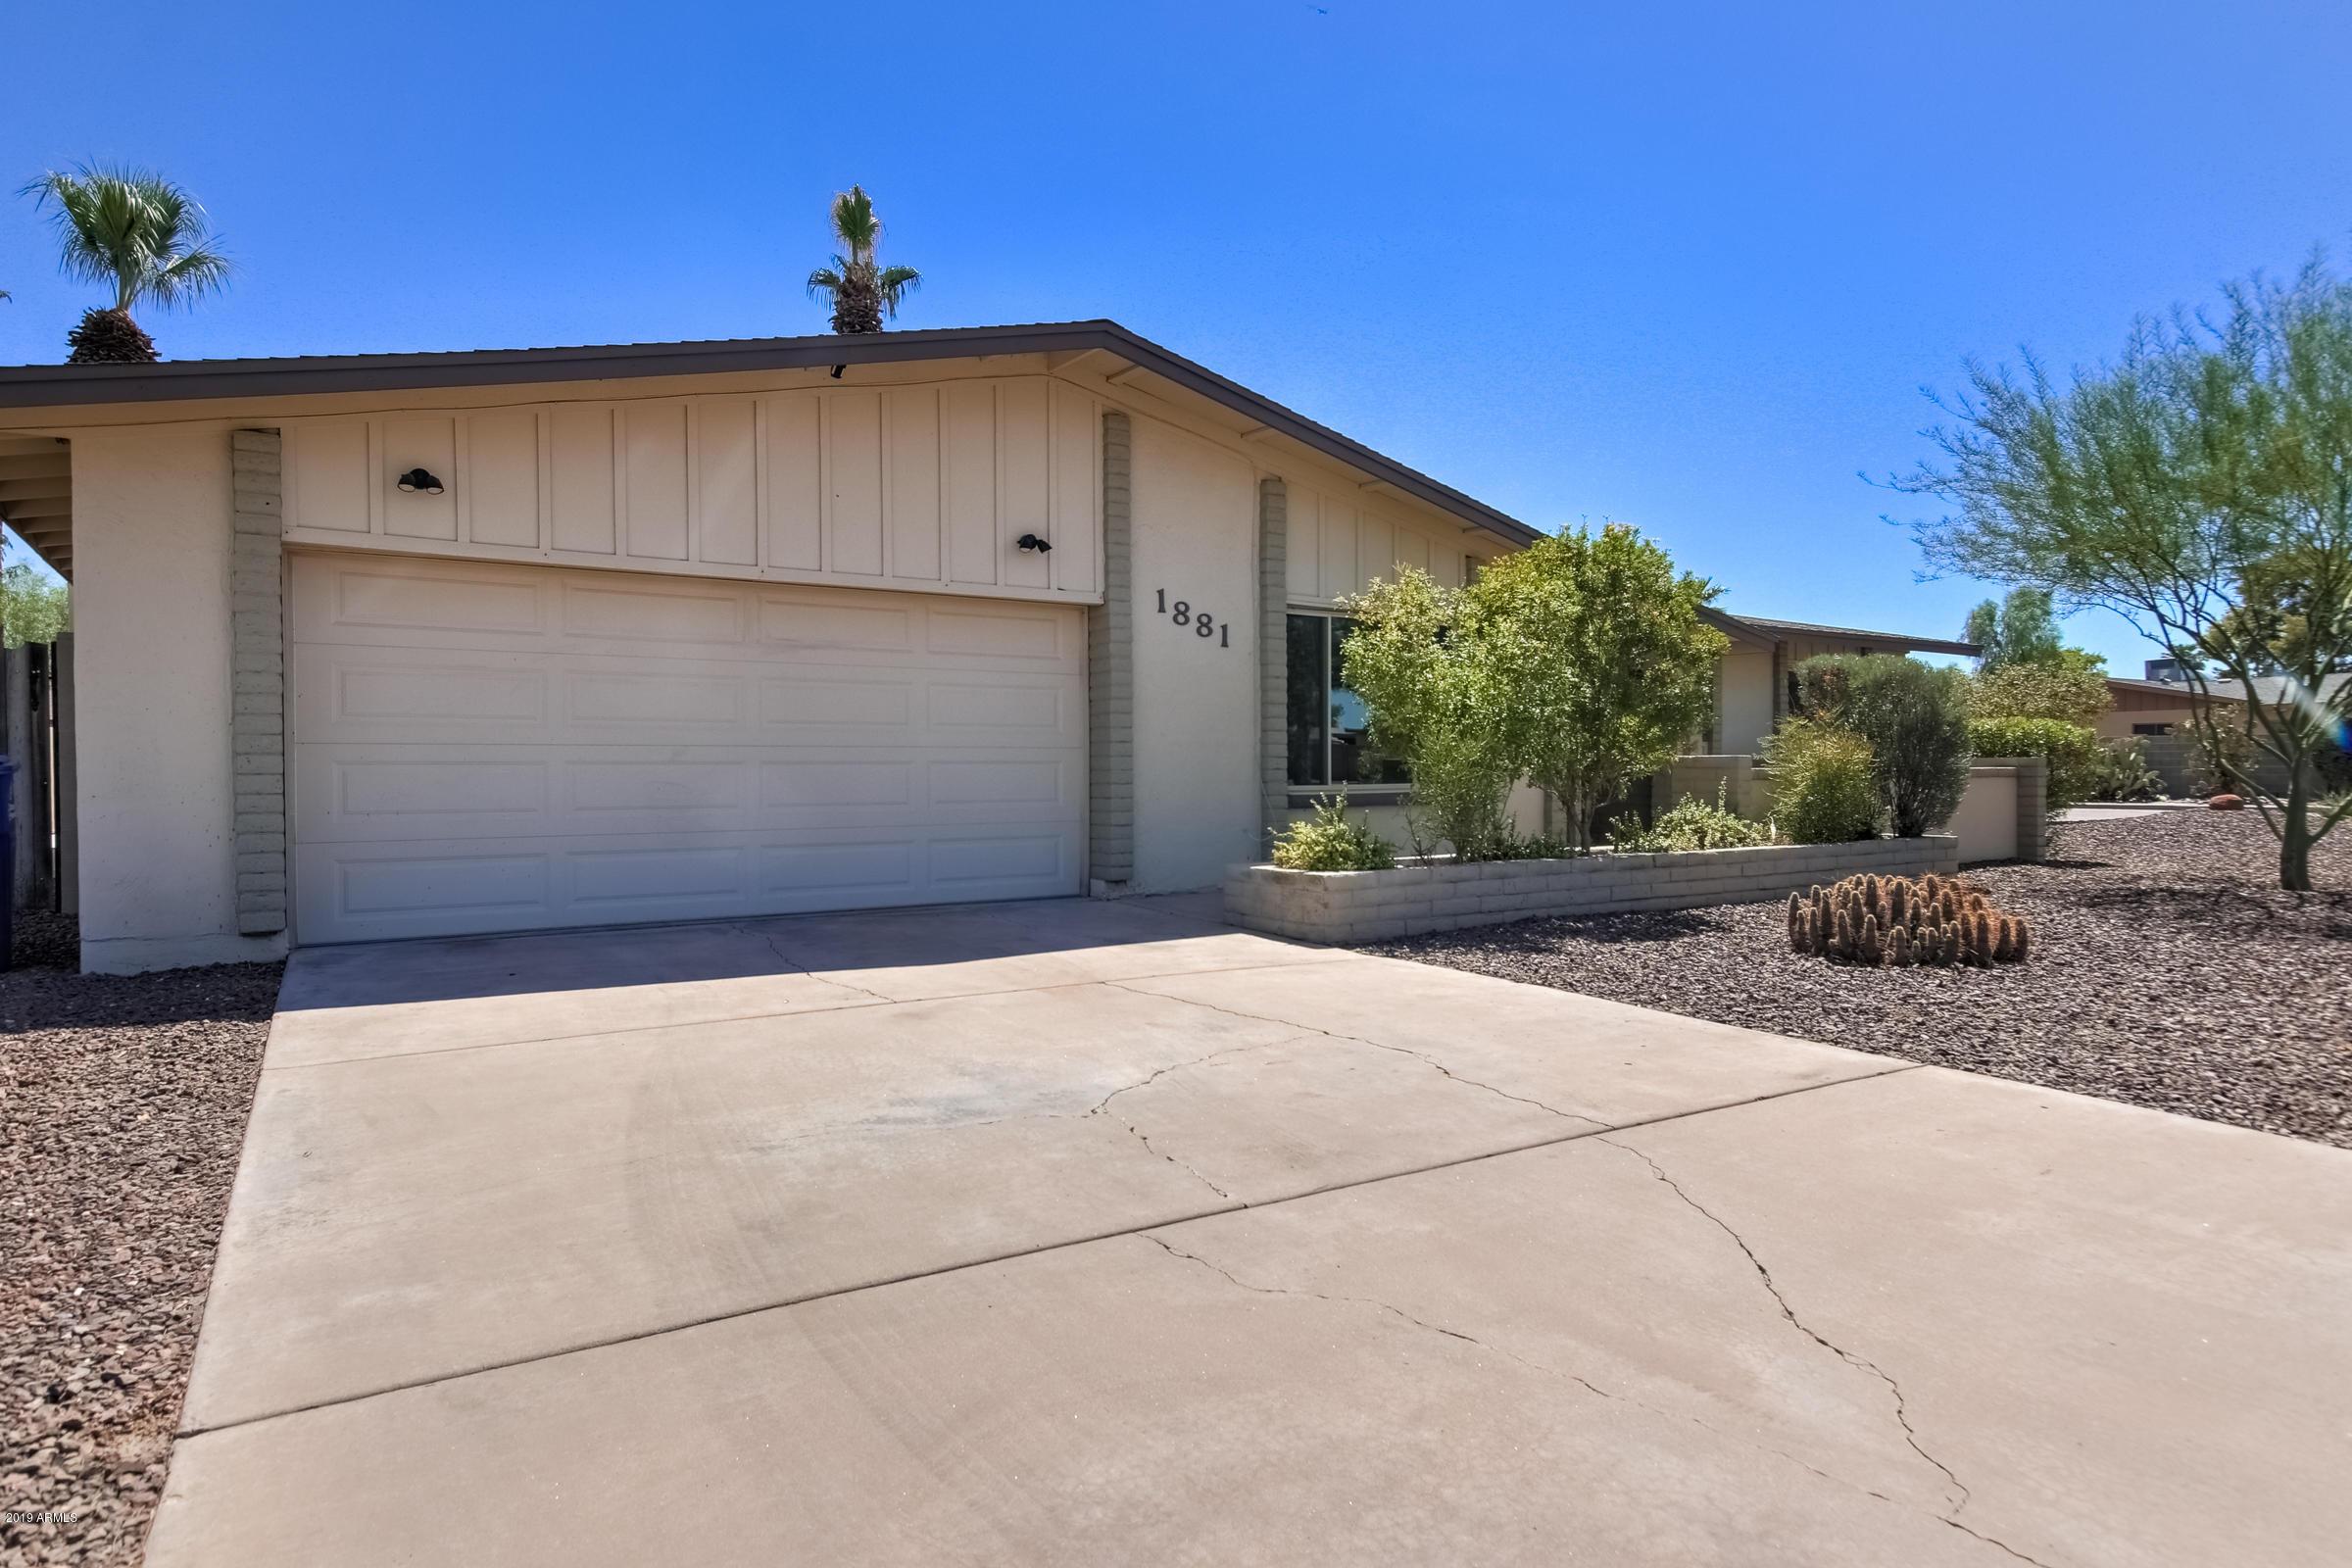 MLS 5964770 1881 E JULIE Drive, Tempe, AZ 85283 Tempe AZ Private Pool